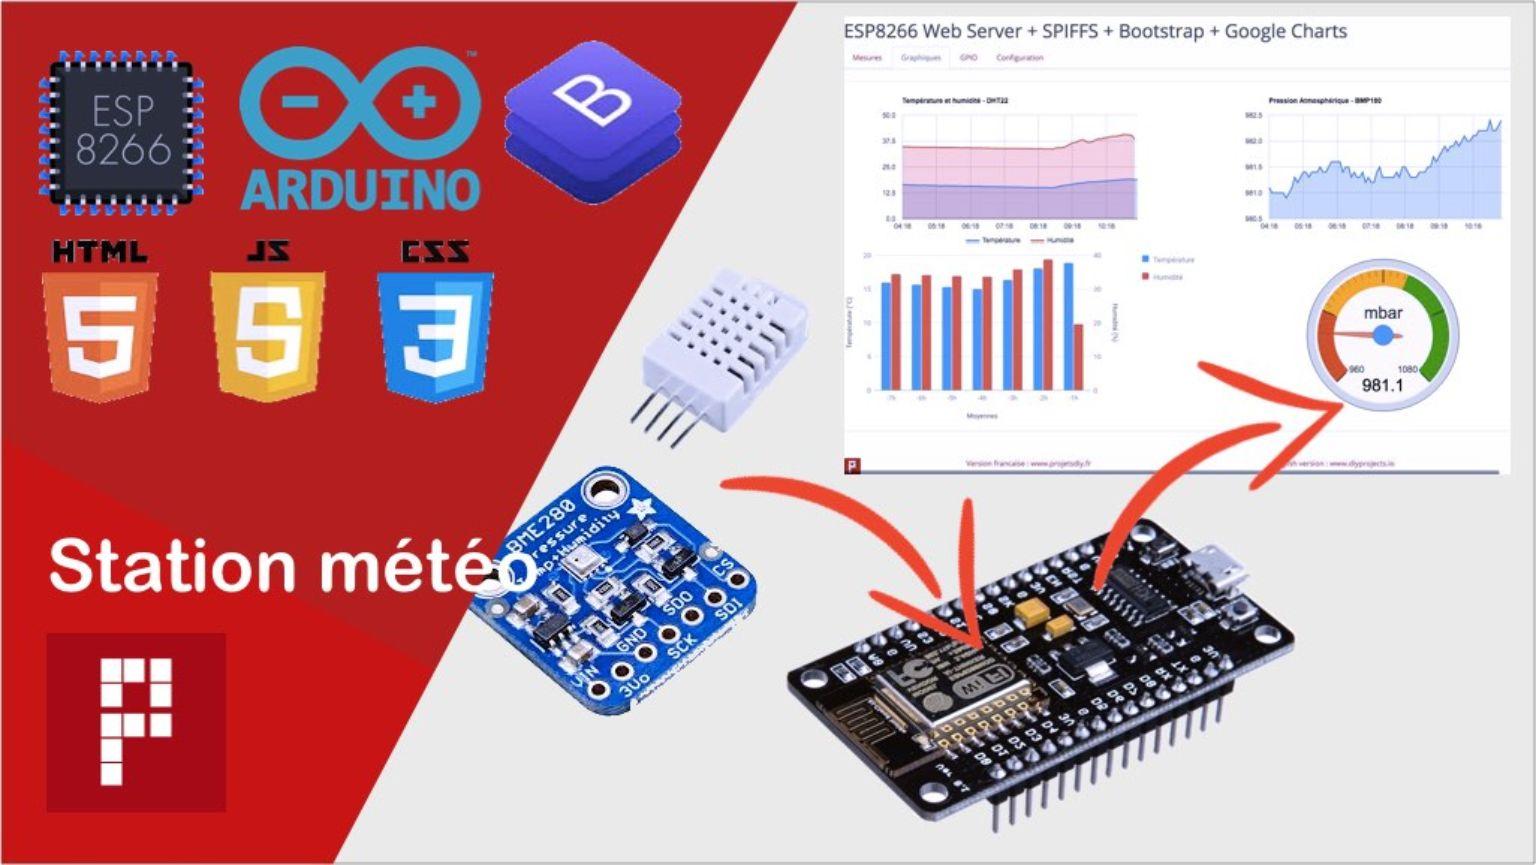 projet de station meteo avec interface HTML sur ESP8266 dht22 + bpm180